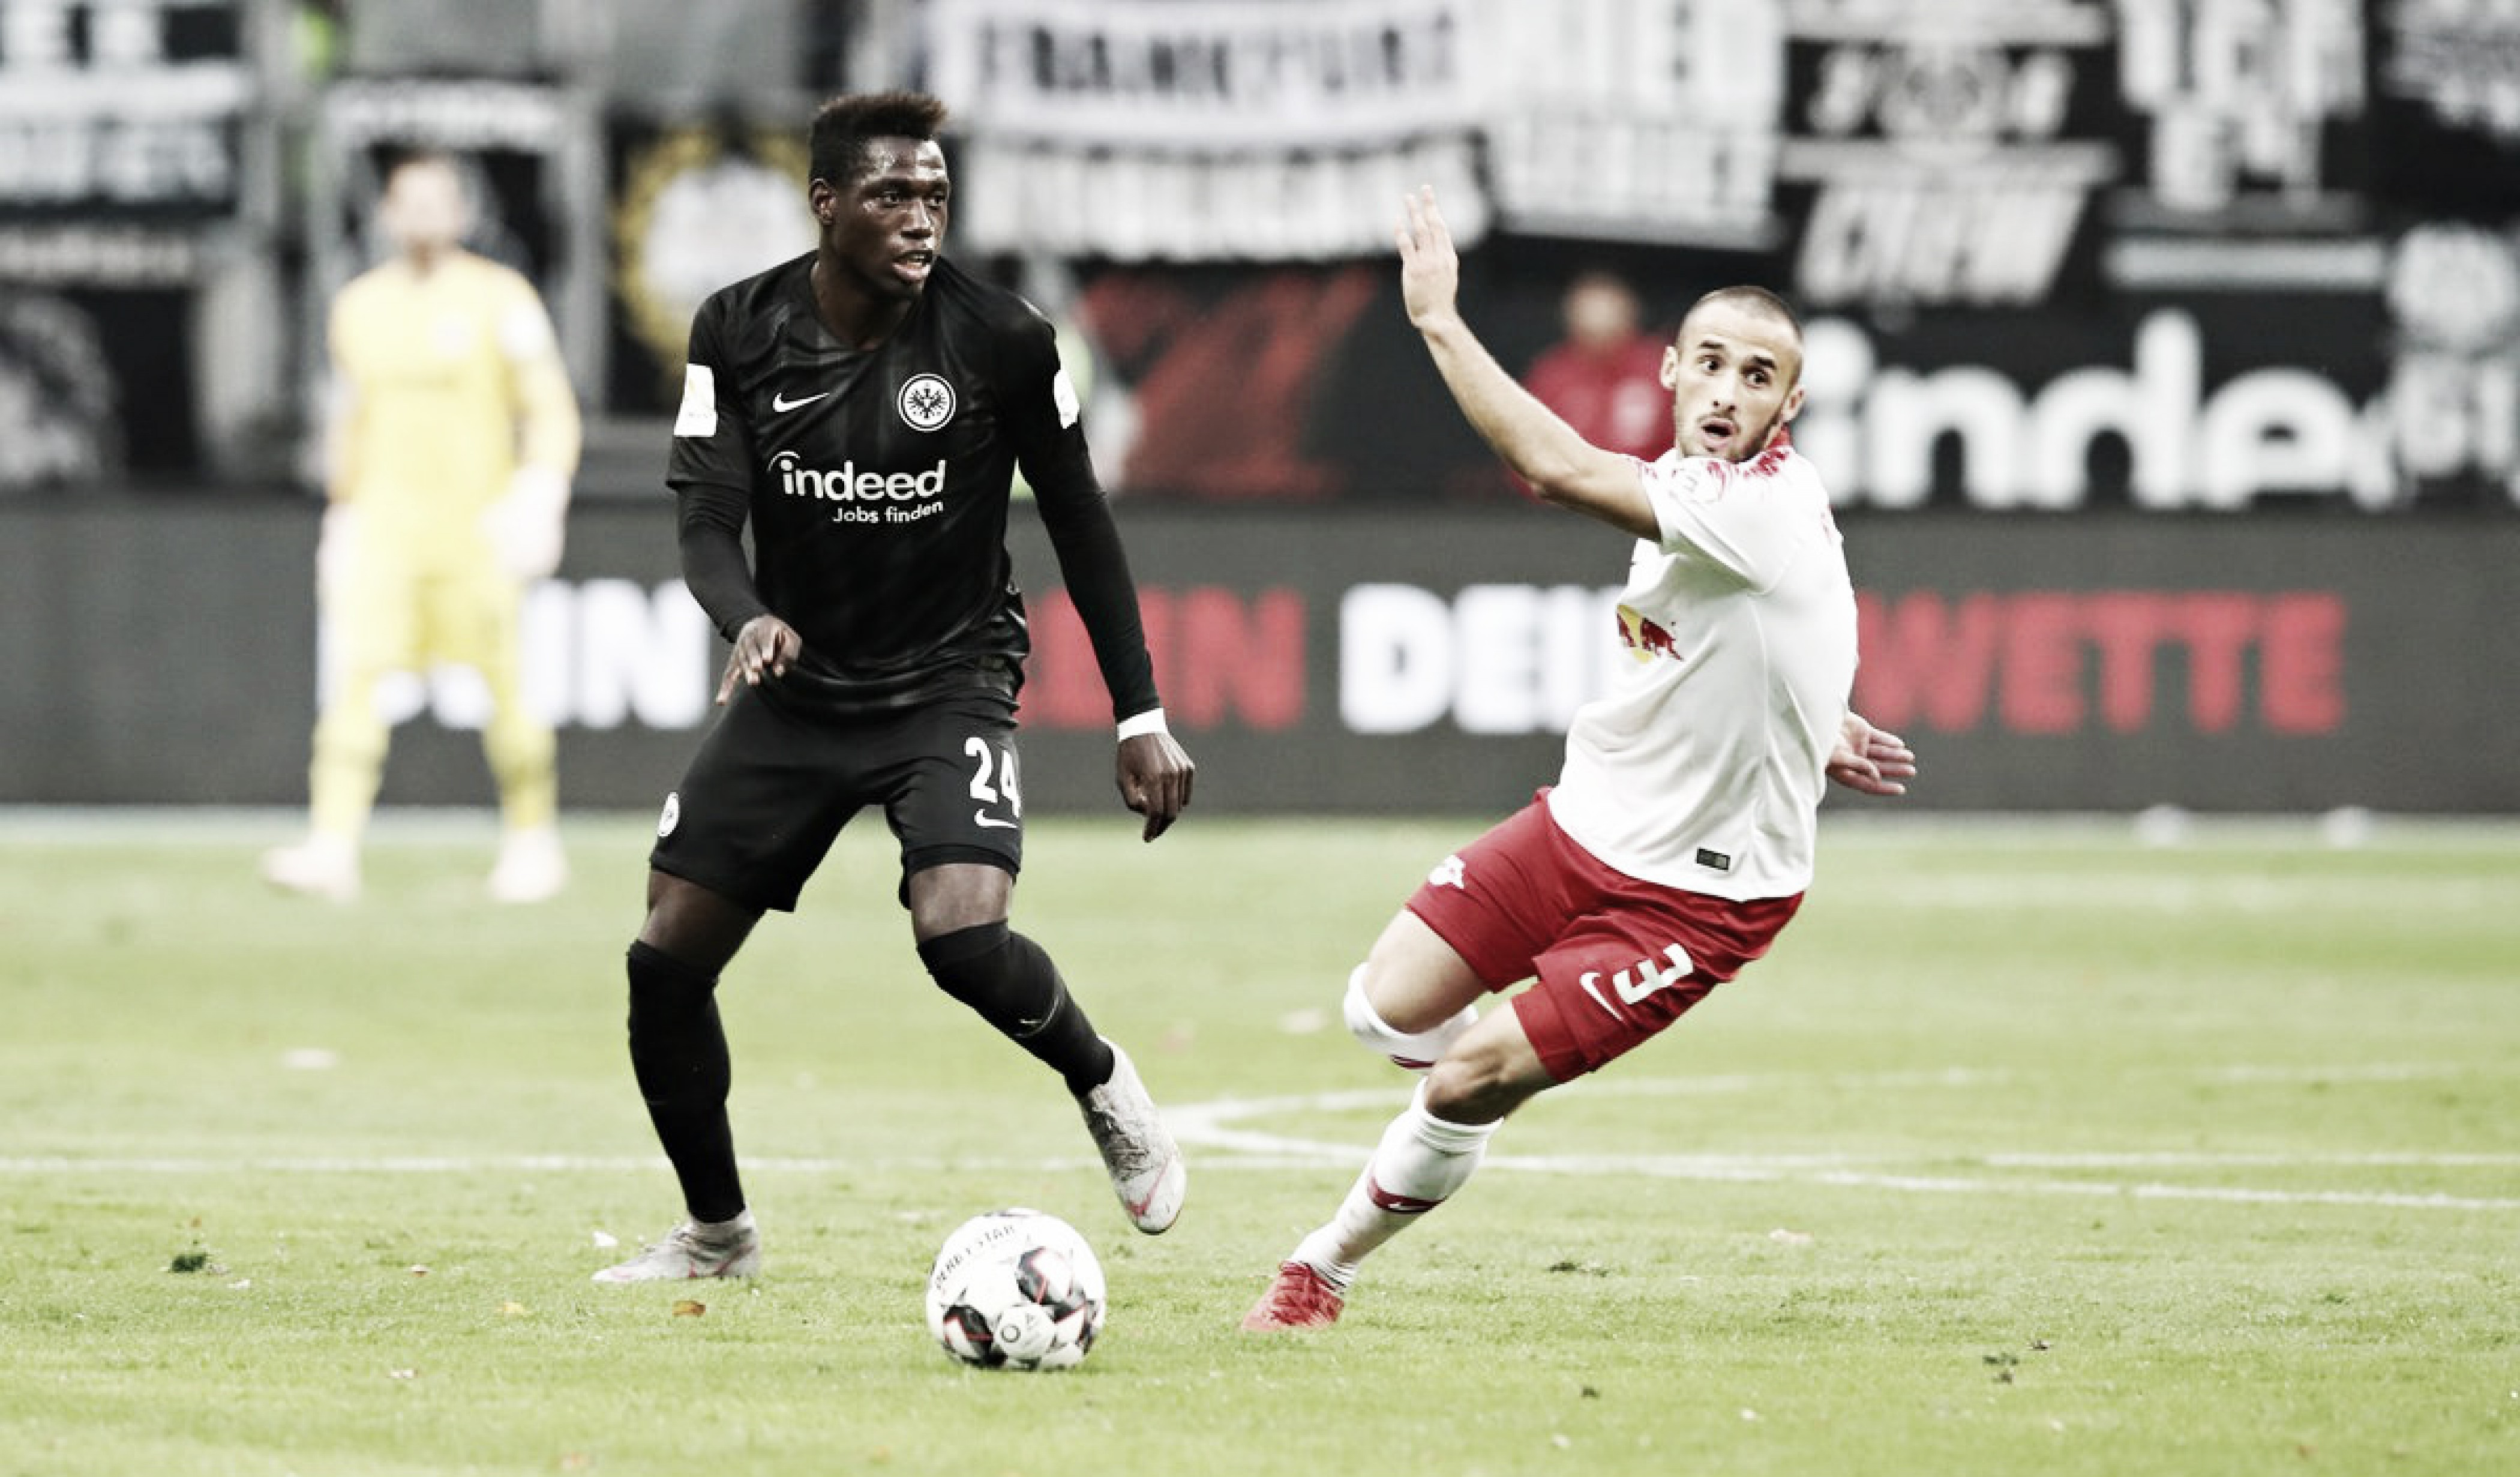 Eintracht Frankfurt sai na frente, mas cede empate ao RB Leipzig em casa